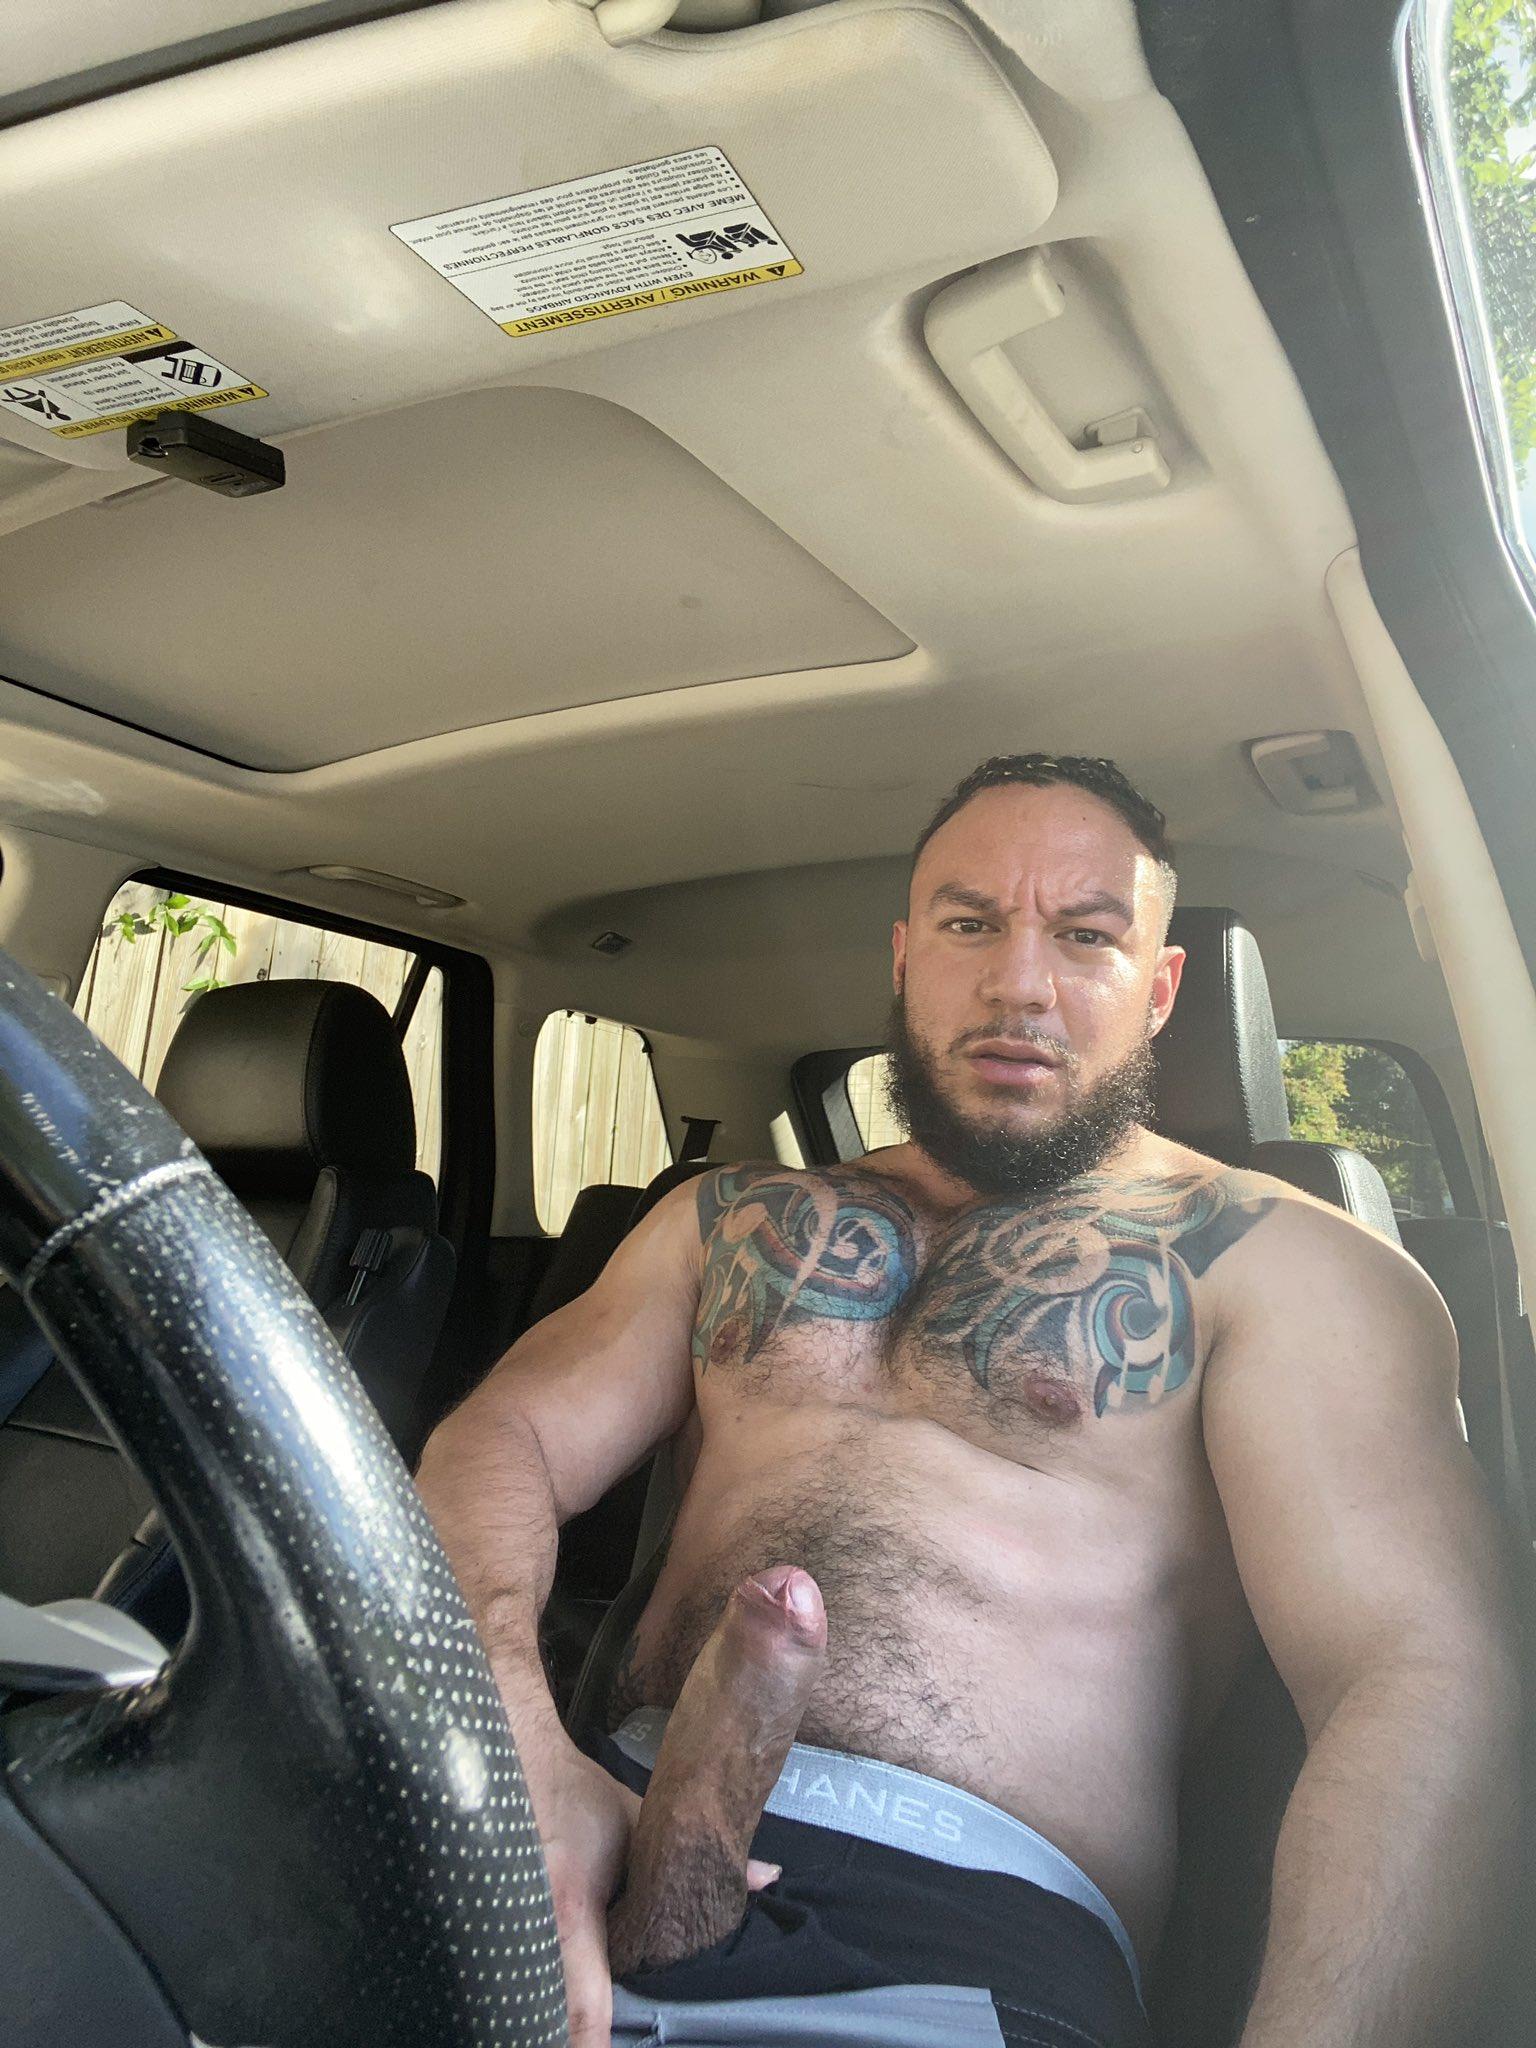 pene grande dentro del auto